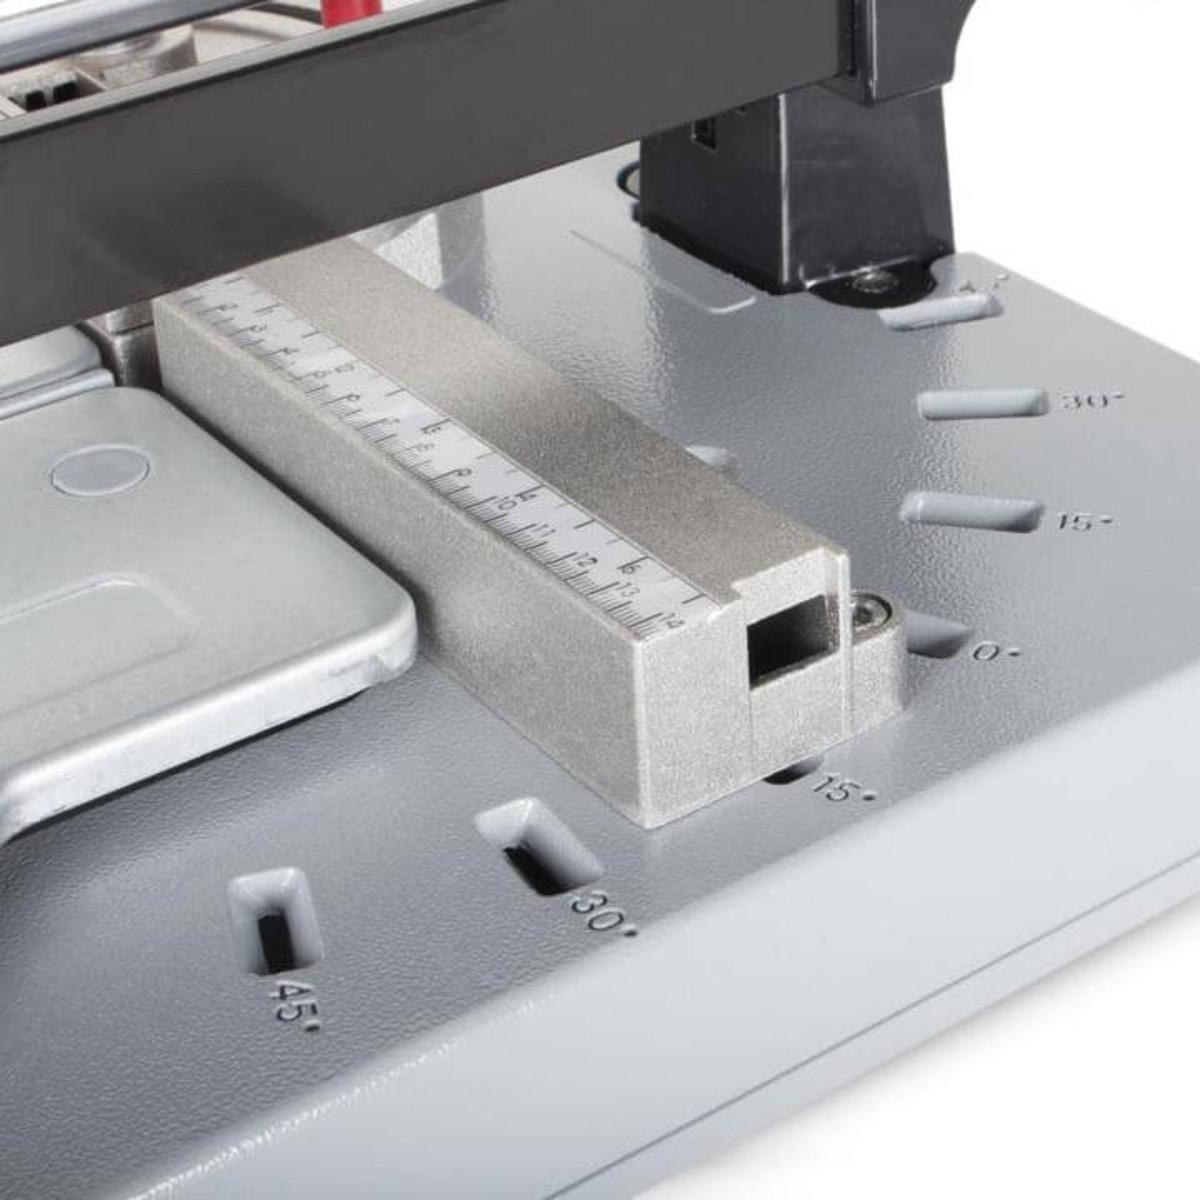 Rubi TX-N tile cutting action